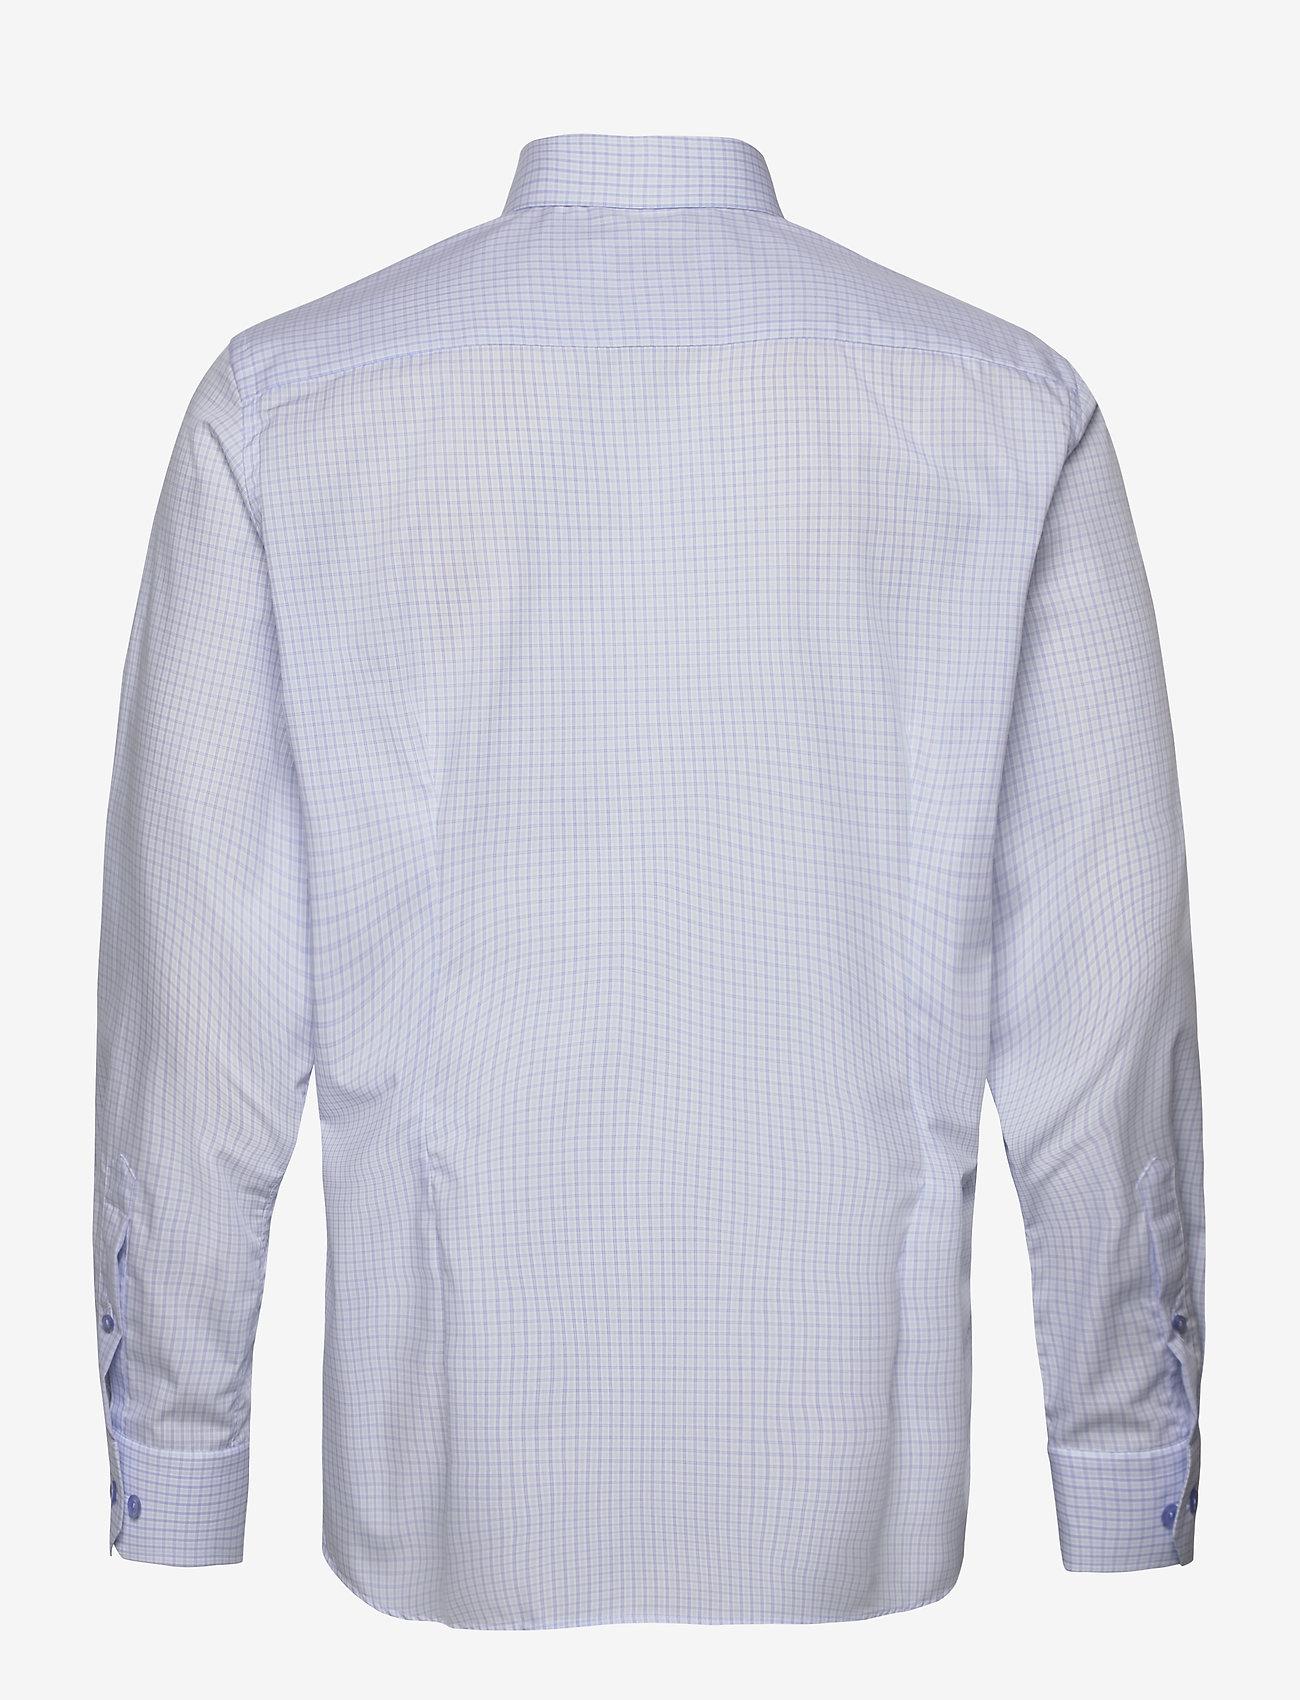 Eton Sky Blue & Green Checked Poplin Shirt - Skjorter BLUE - Menn Klær